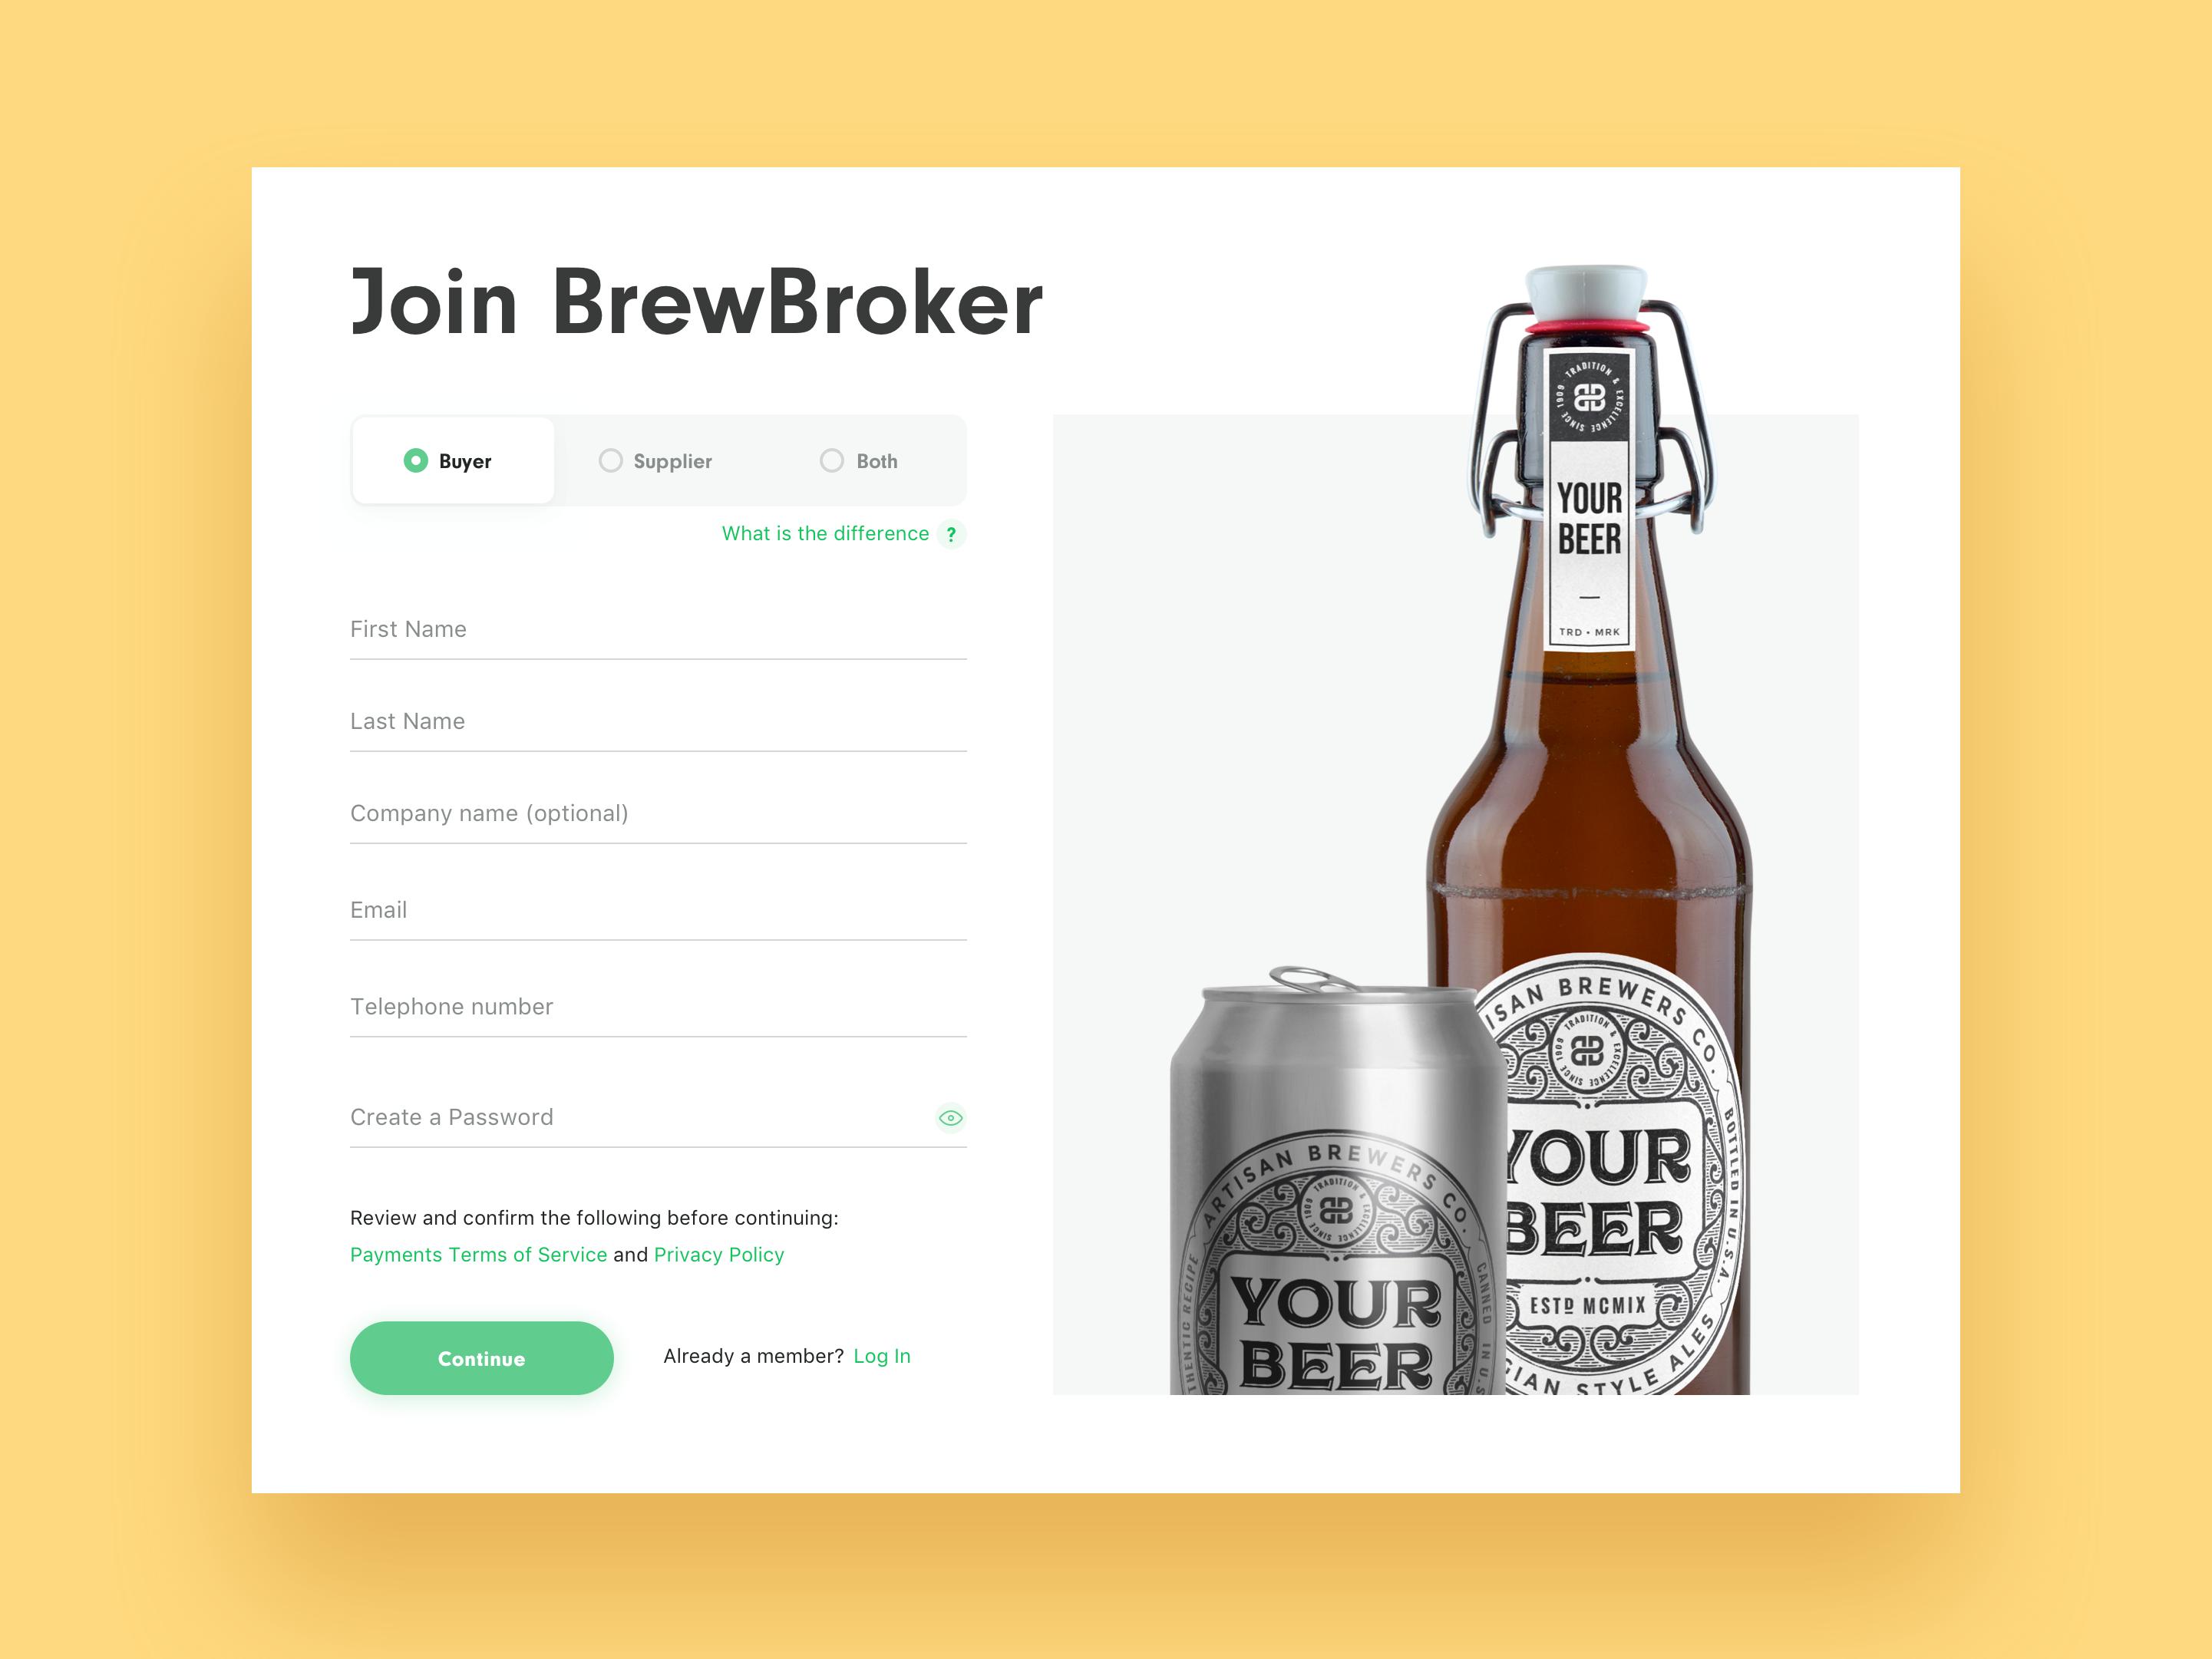 Brewbroker registration